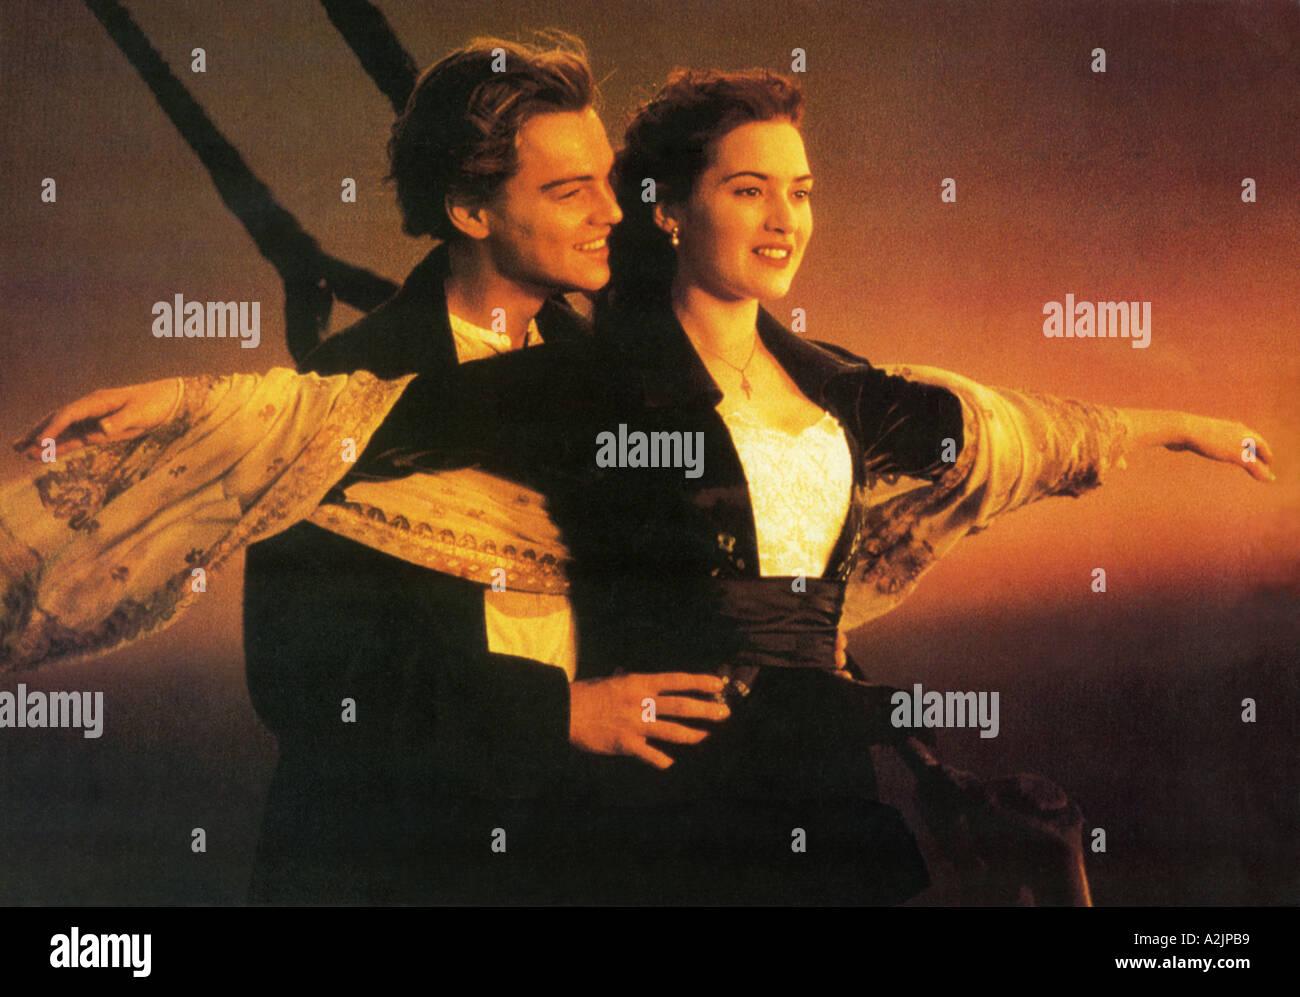 TITANIC ganadora del Oscar 1997 película protagonizada por Leonardo DiCaprio y Kate Winslet Foto de stock